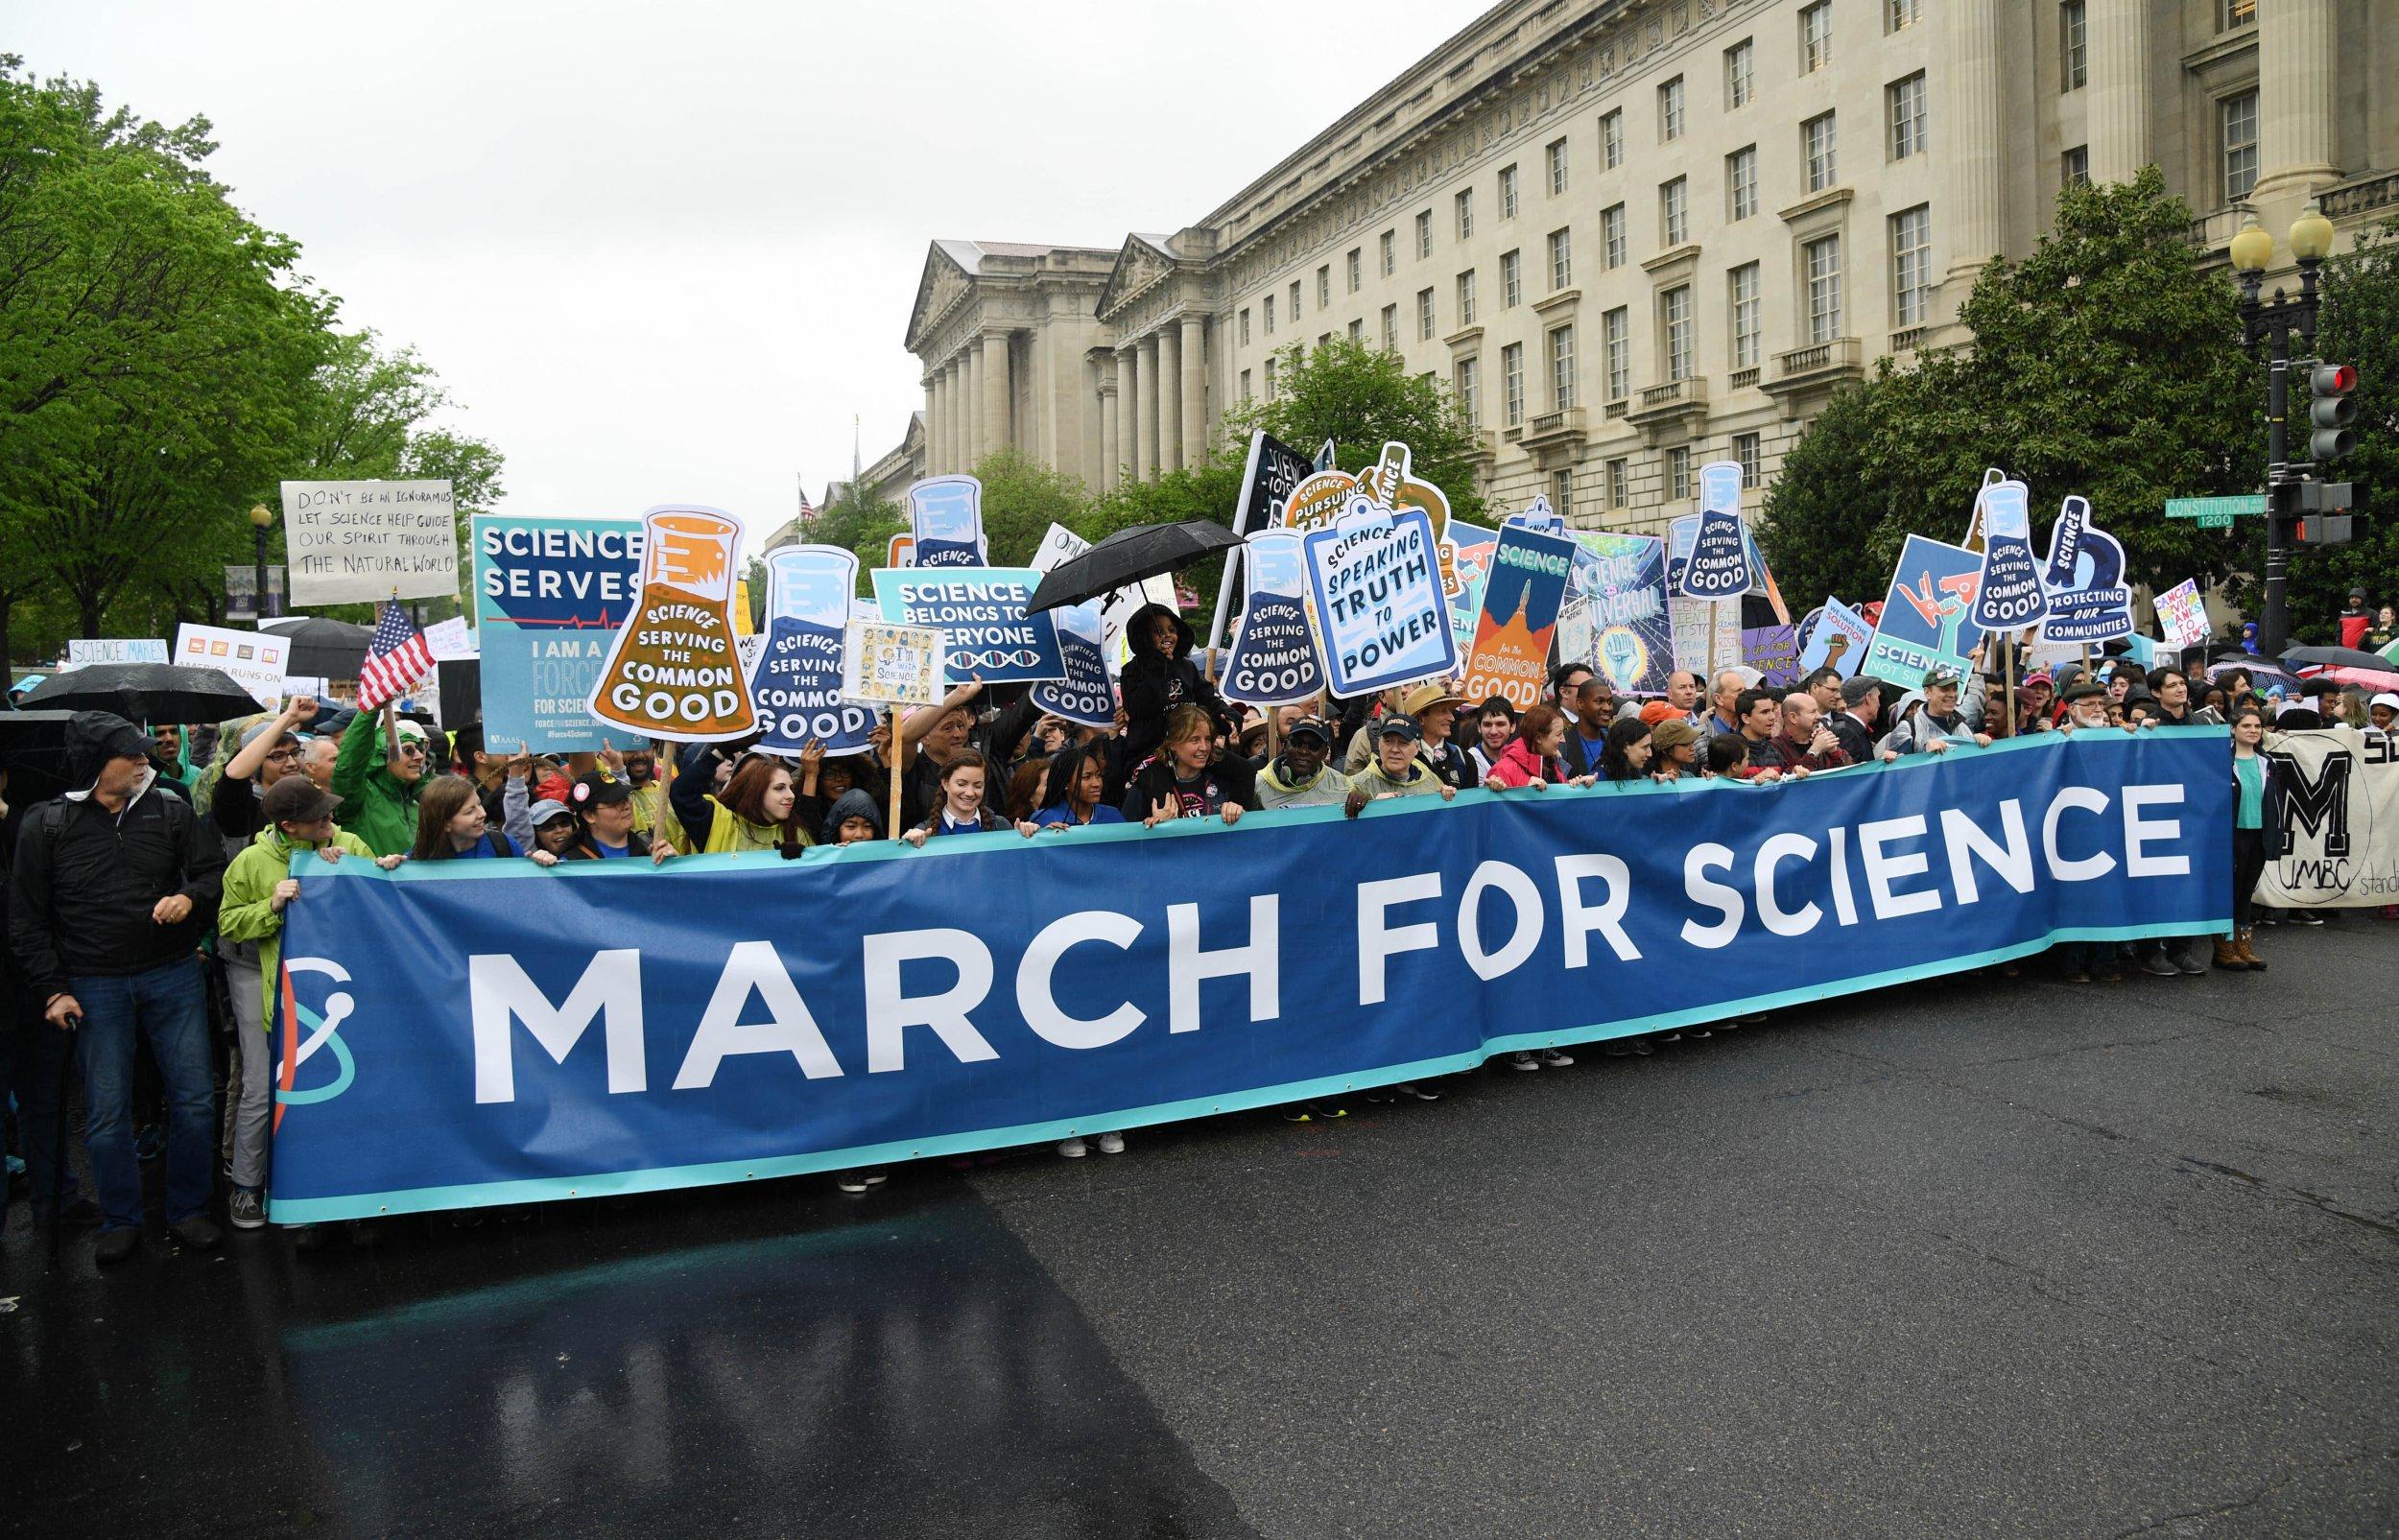 <p><span><span>Beim March for Science demonstrierten Menschen für die Anerkennung von wissenschaftlichen Erkenntnissen. Die Großdemonstration fand zum ersten Mal am 22. April 2017 in mehr als 600 Städten quer durch alle Zeitzonen statt, die Hauptveranstaltung </span></span>war in Washington, D.C.</p>